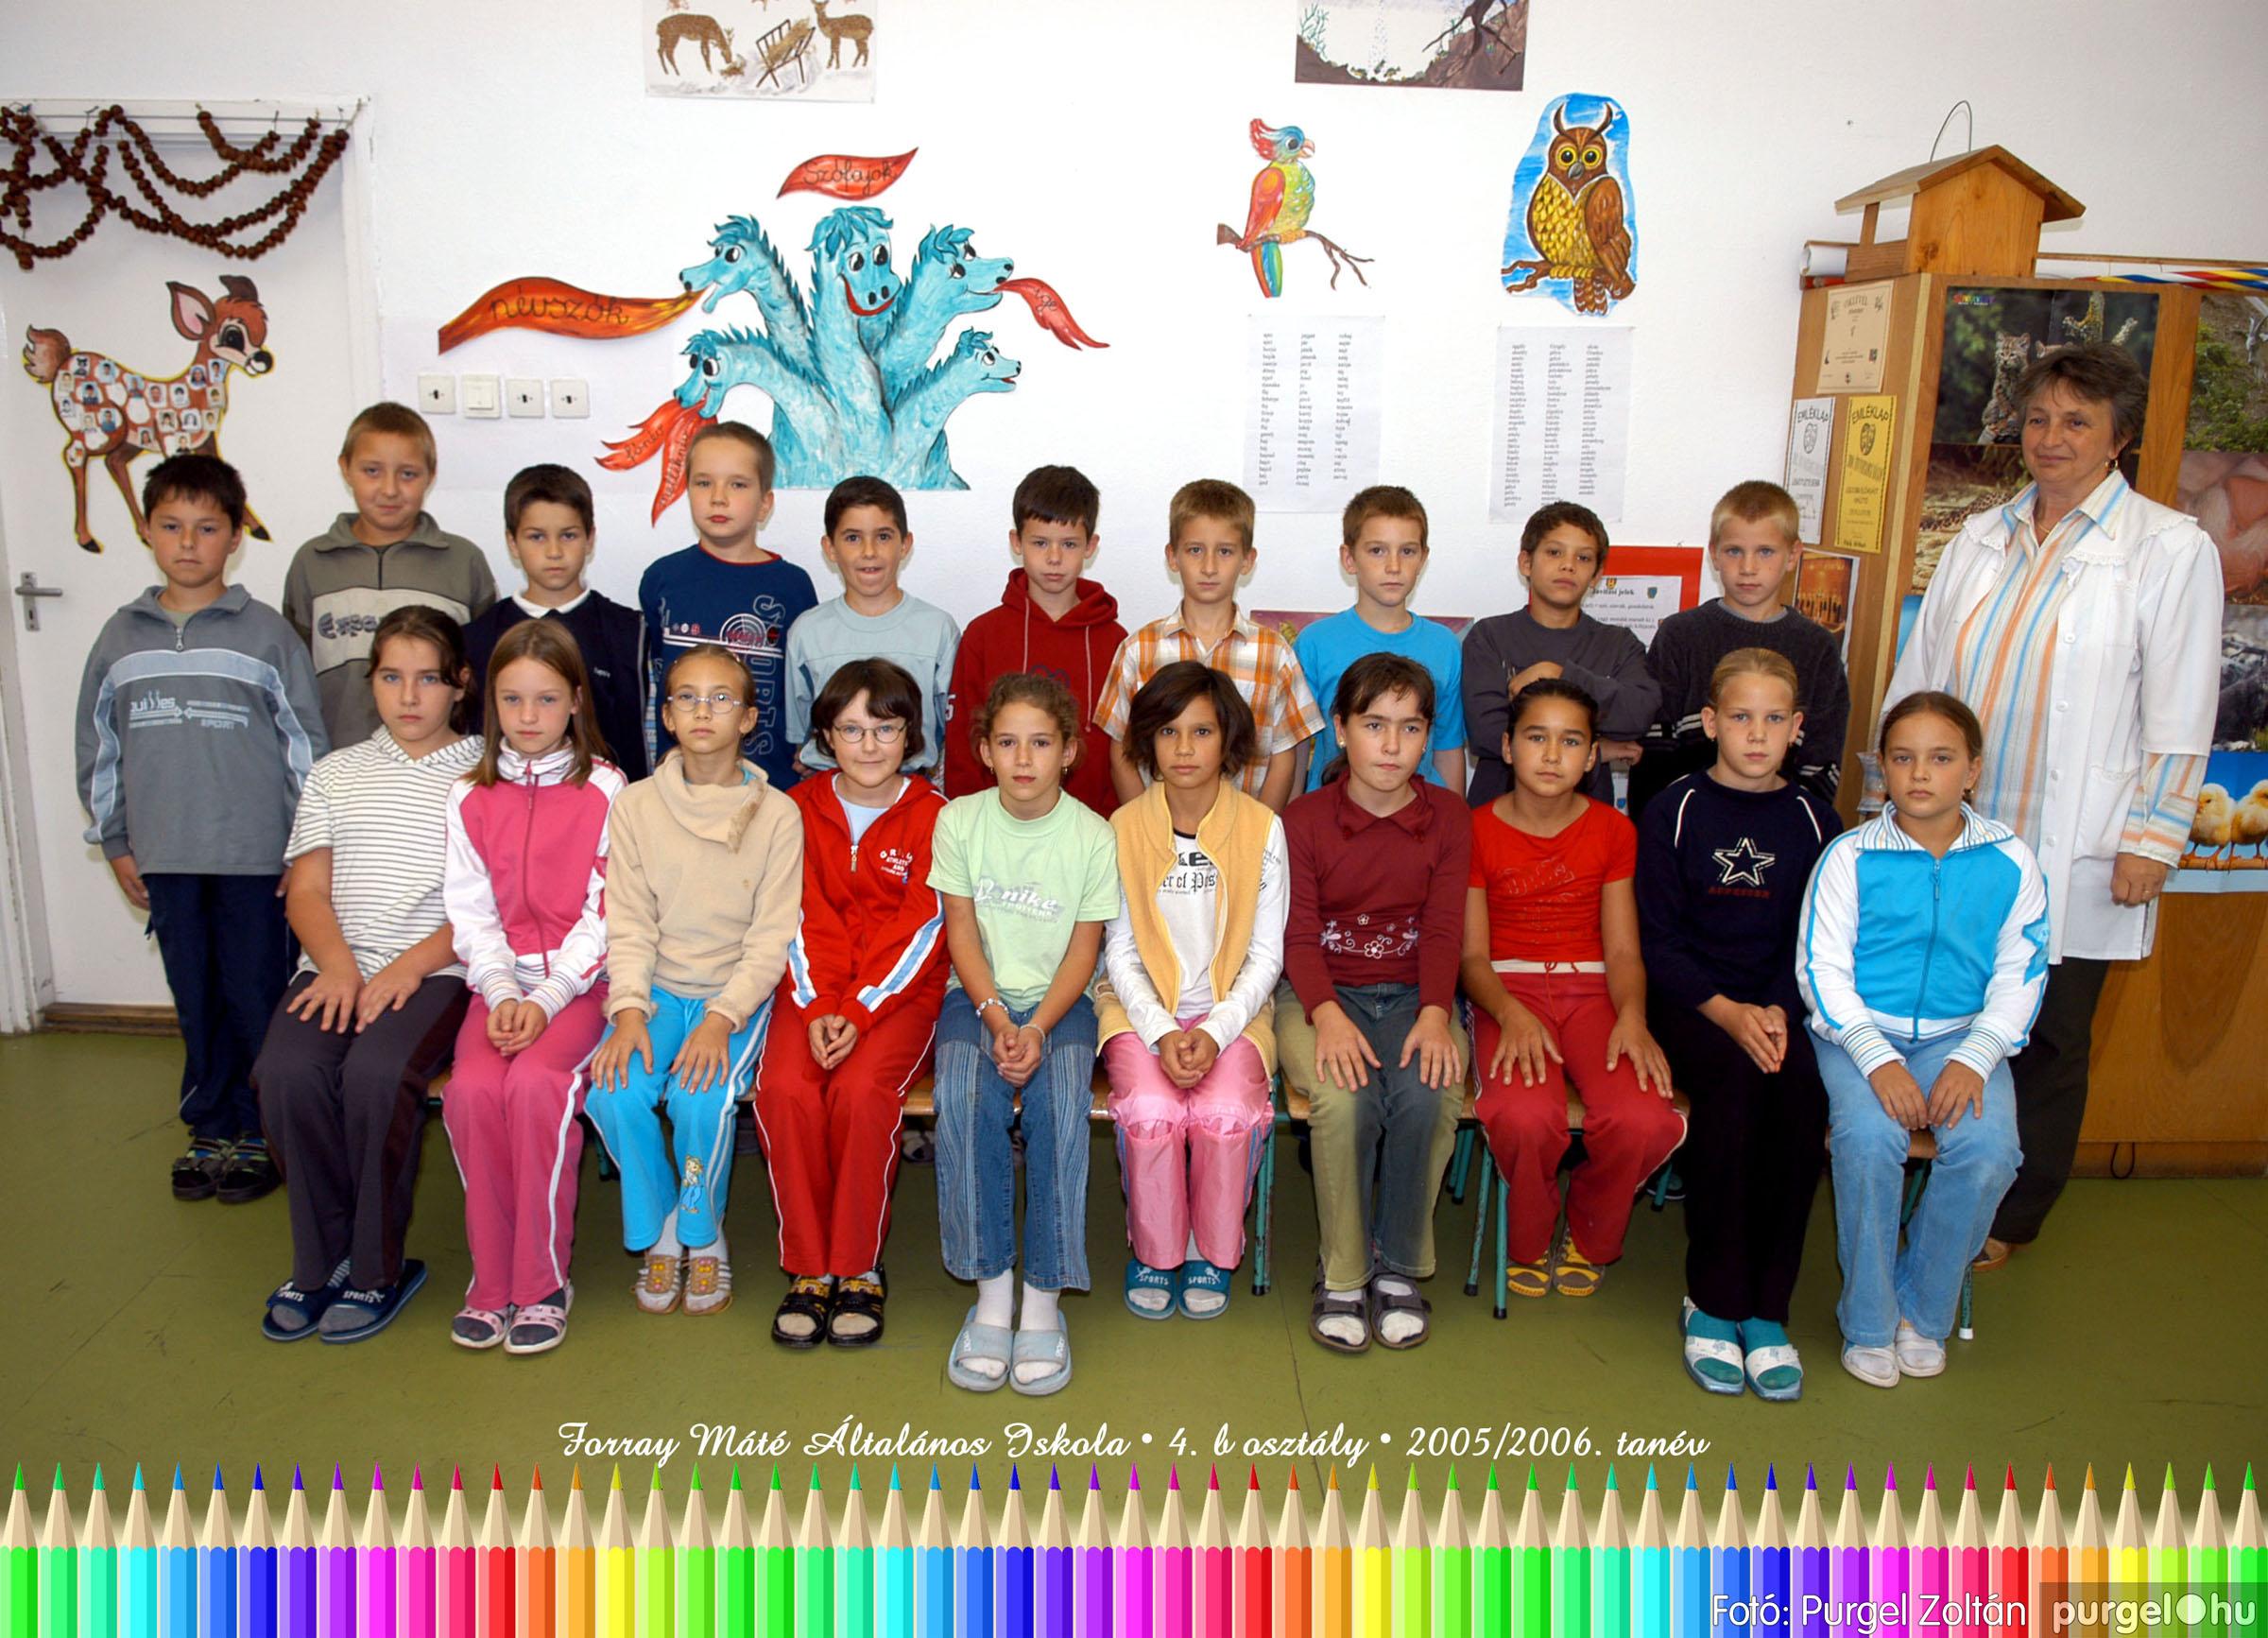 2005.09.21-10.06. 013 Forray Máté Általános Iskola osztályképek 2005. - Fotók:PURGEL ZOLTÁN© 4bkomoly.jpg